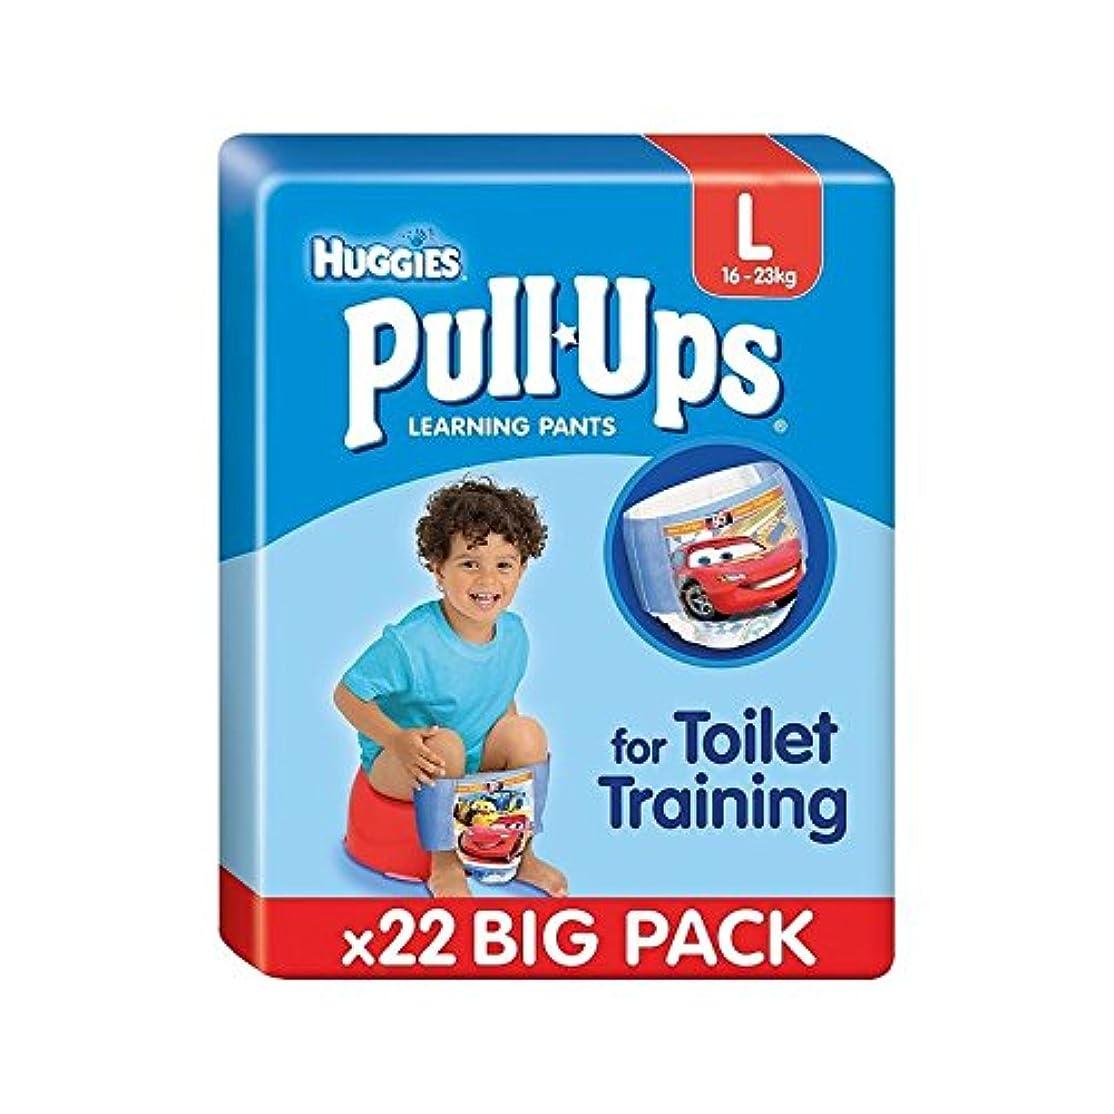 資本予言する等1パック大型プルアップの少年経済22 (Huggies) (x 6) - Huggies Large Pull-Ups Boy Economy 22 per pack (Pack of 6) [並行輸入品]